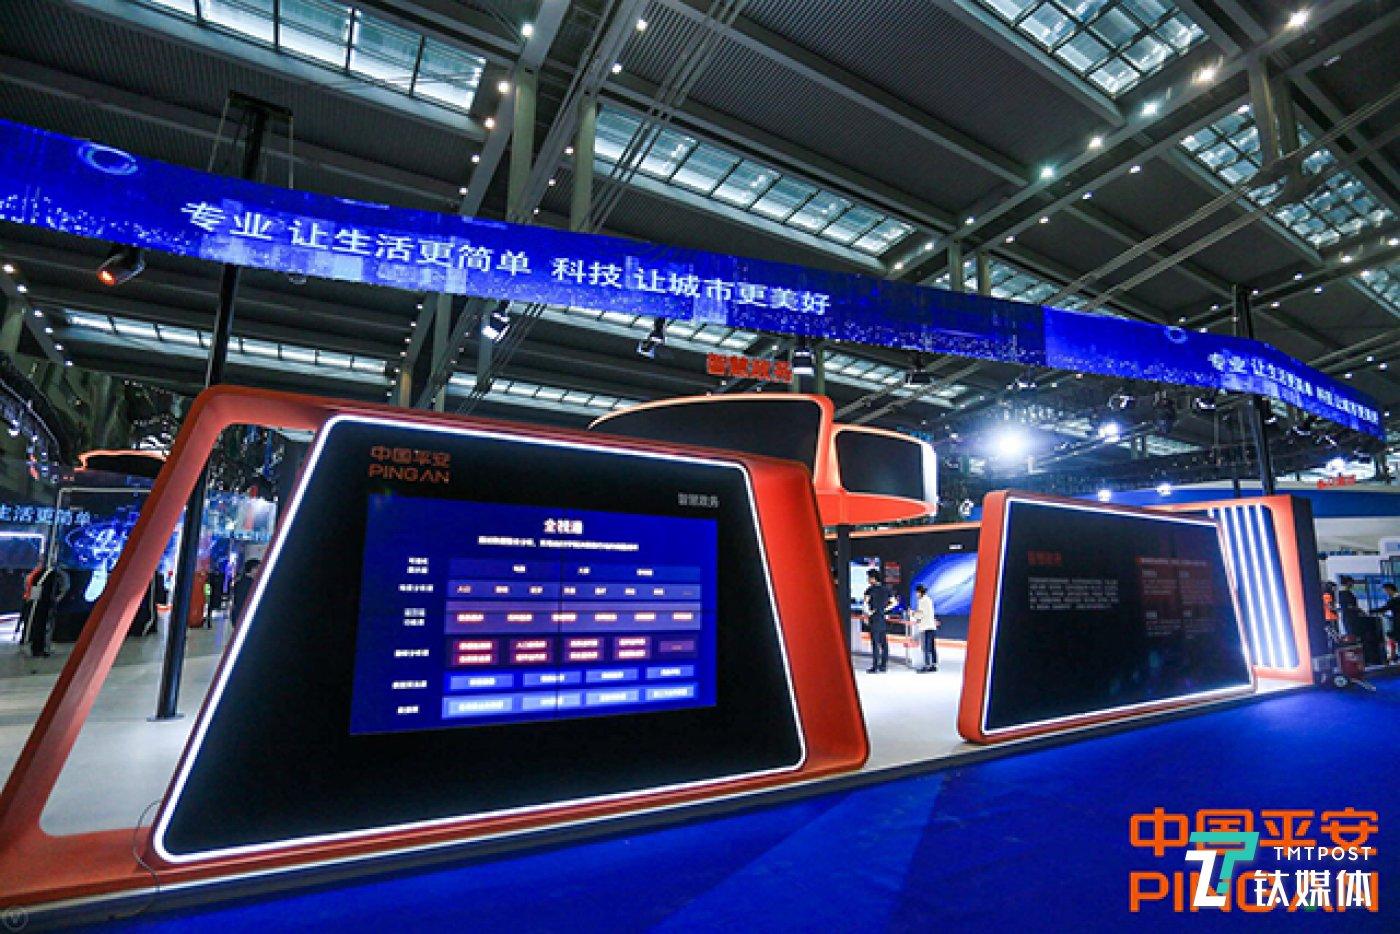 第四届中国智慧城市国际博览会中国平安展区